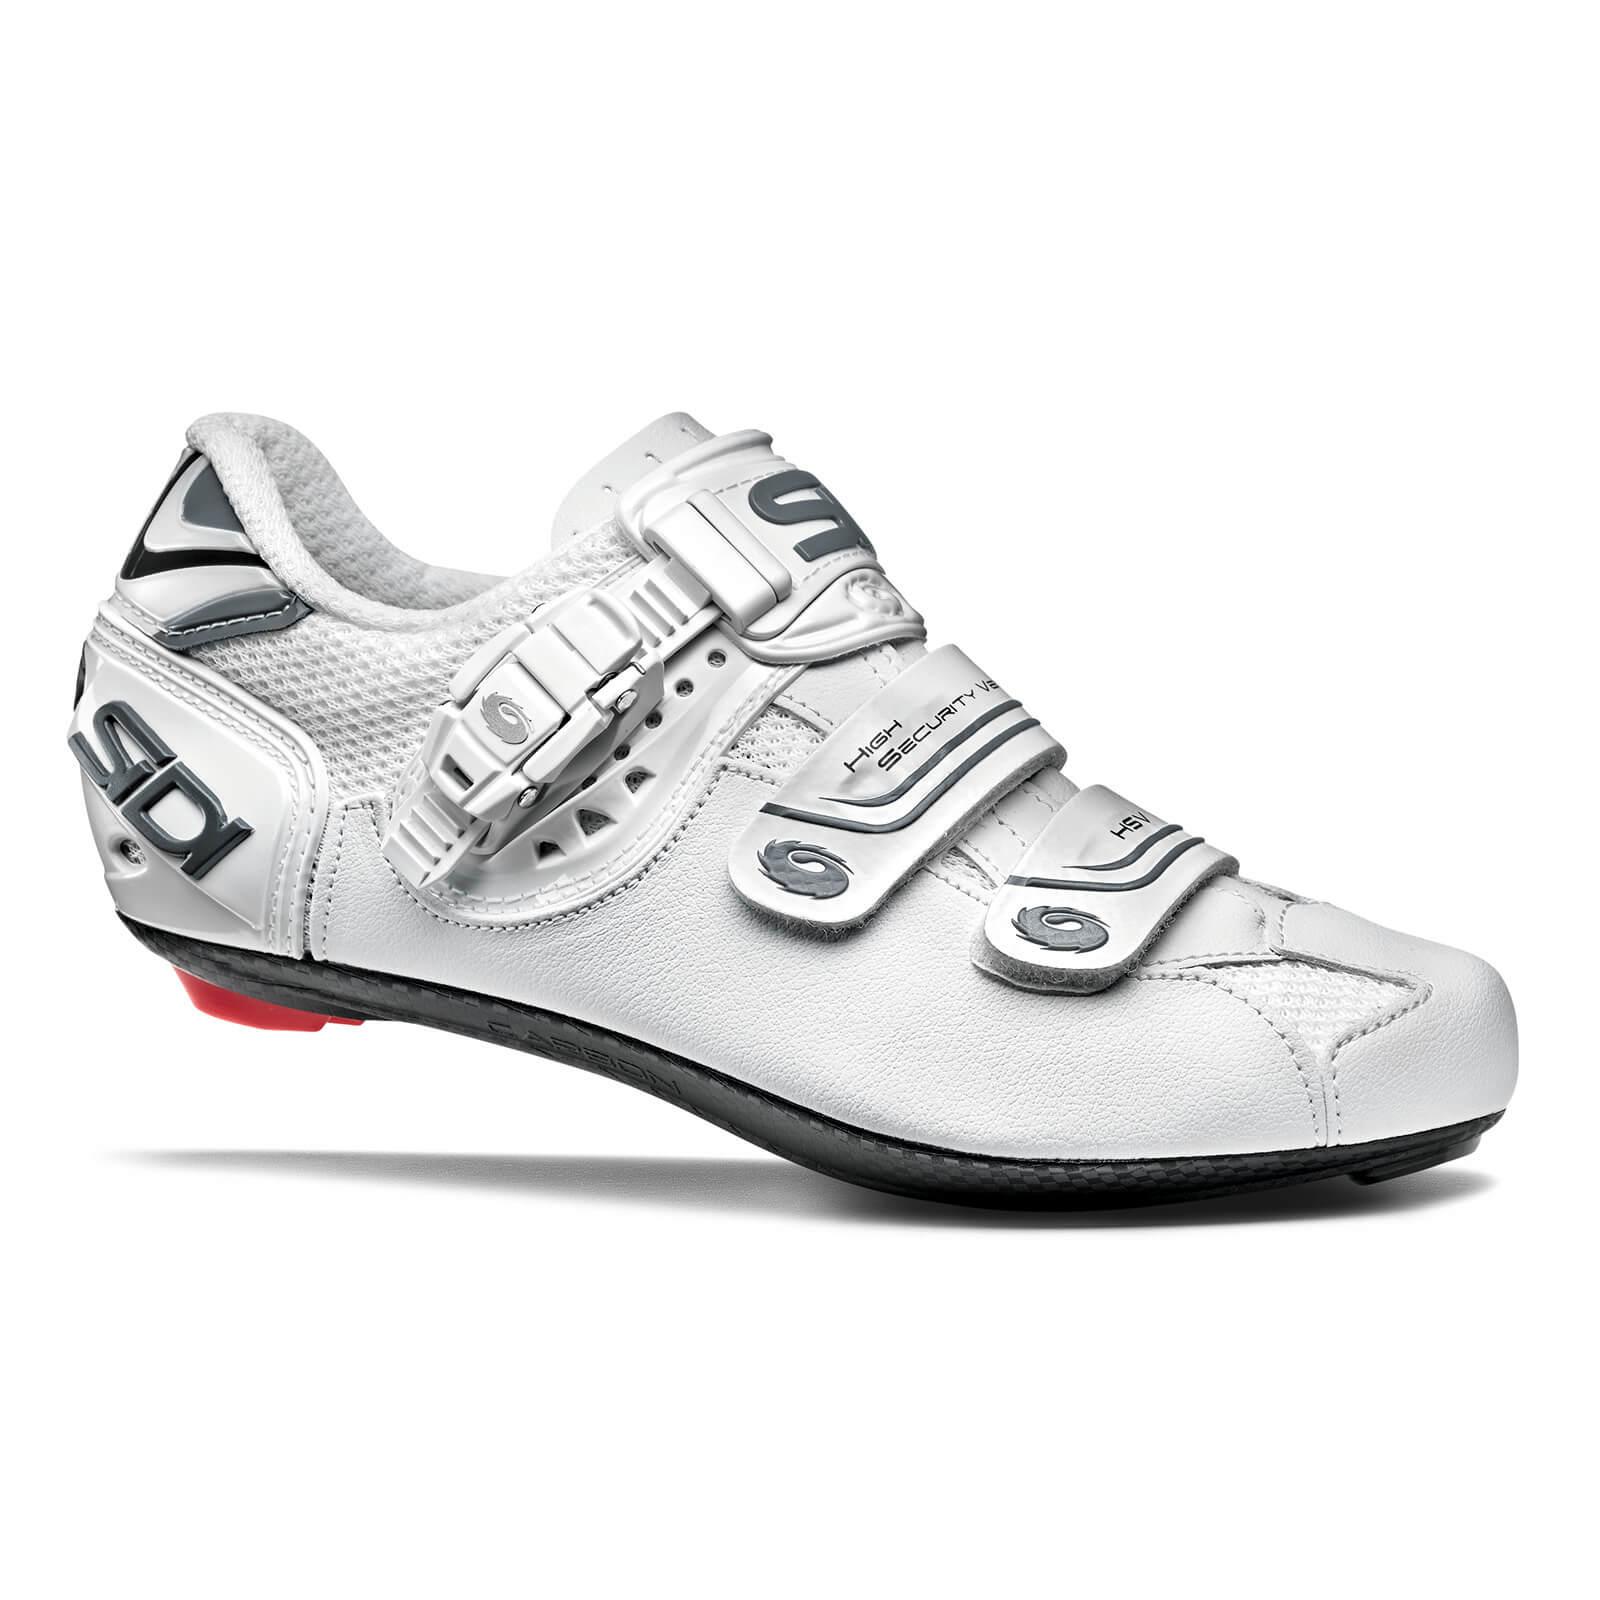 Sidi Women's Genius 7 Road Shoes - Shadow White - EU 43 - Shadow White